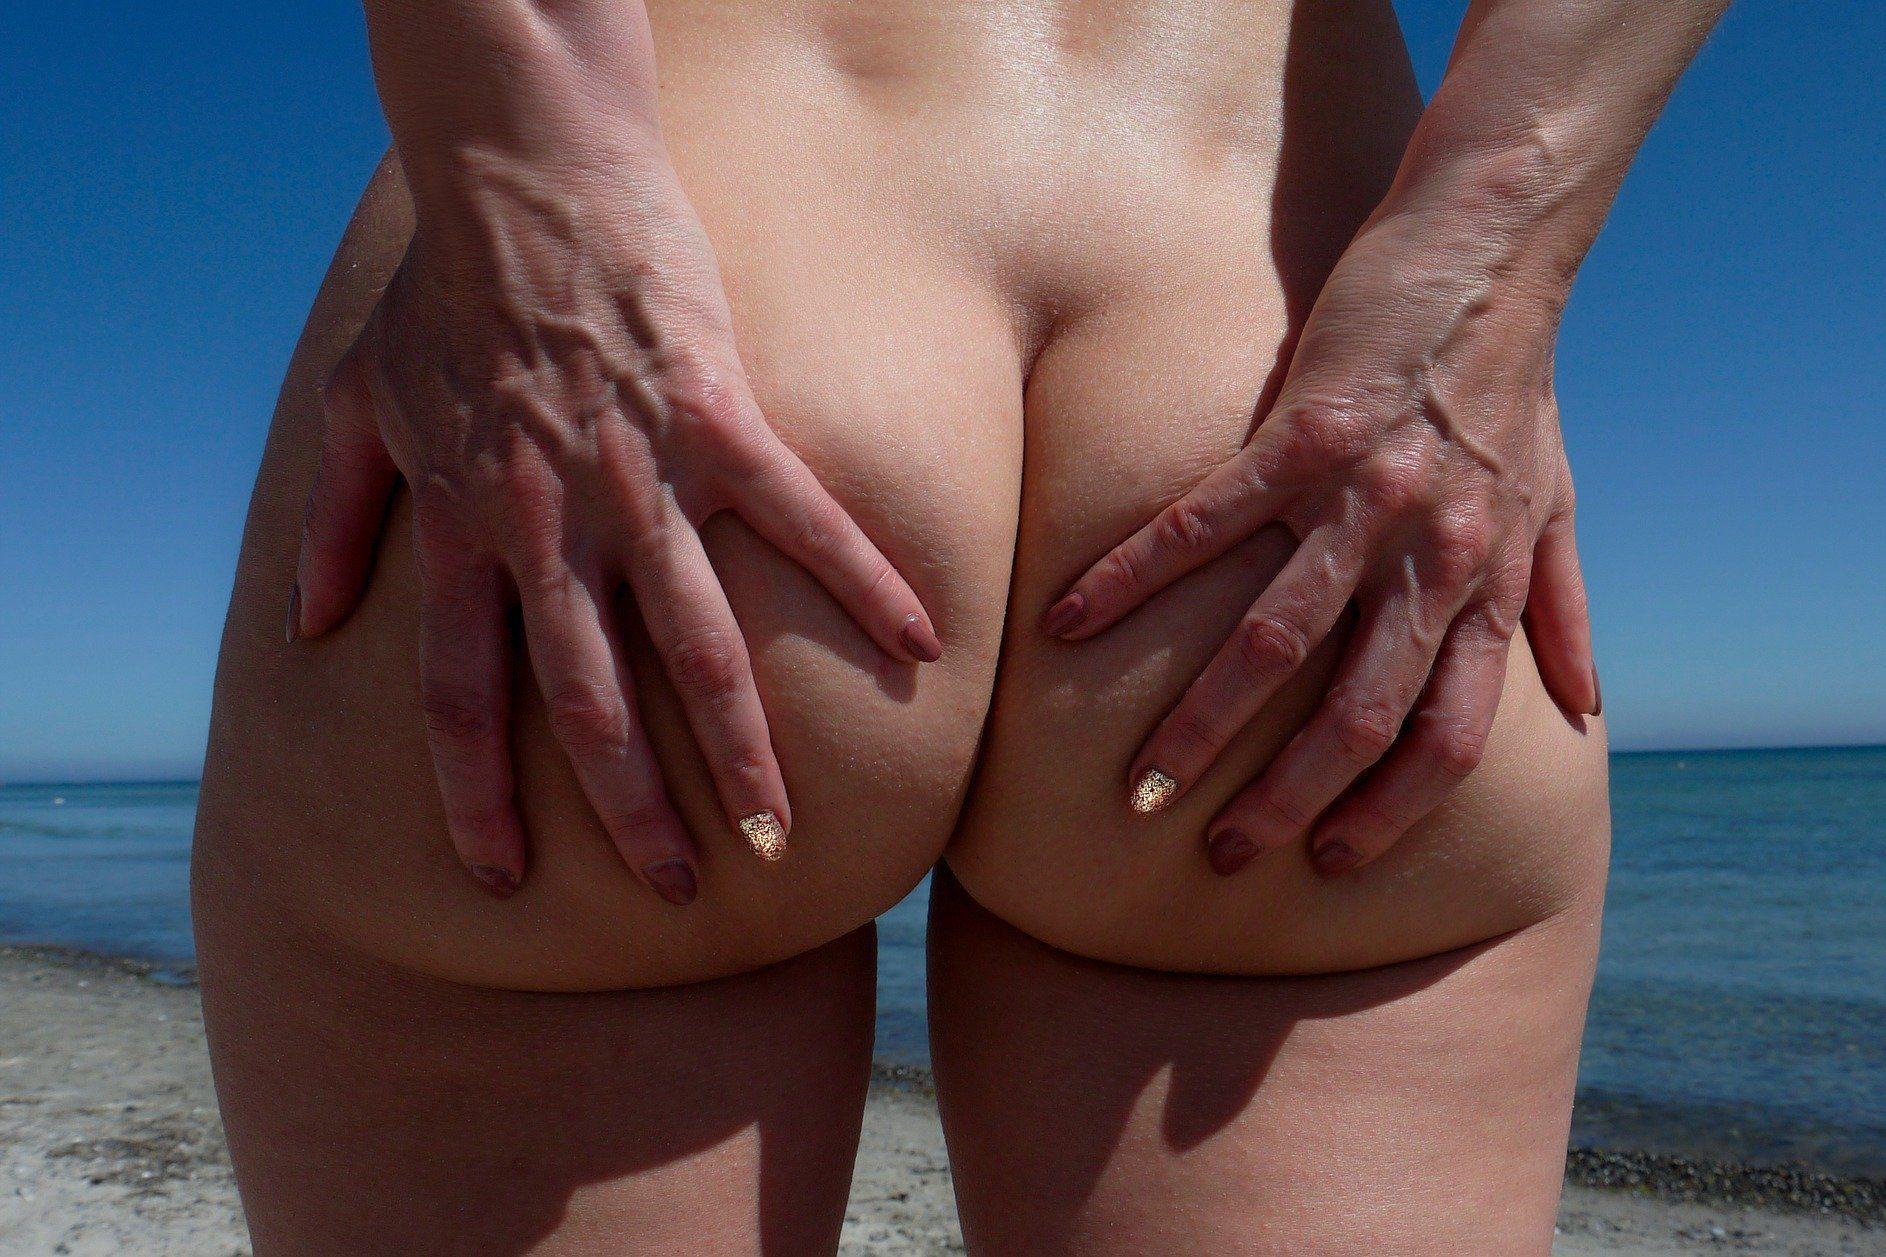 Femme nue de dos avec les mains sur les fesses